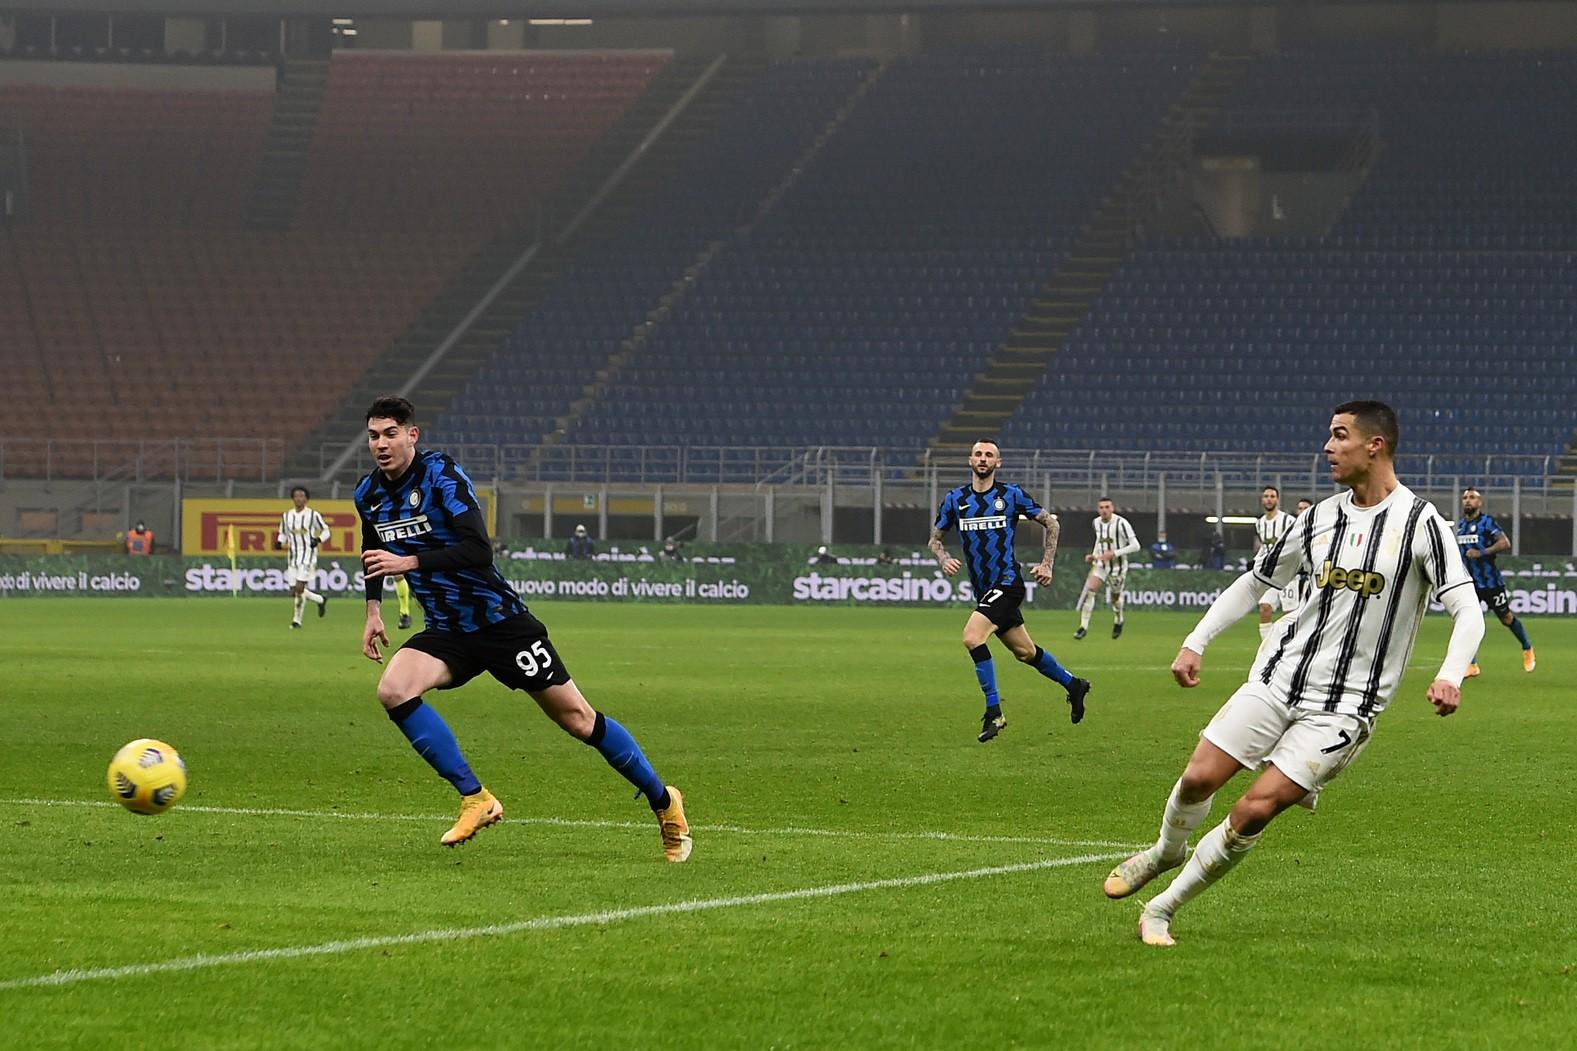 Juve-Inter, la sfida infinita riparte dalla coppa Italia |  Sport e Vai